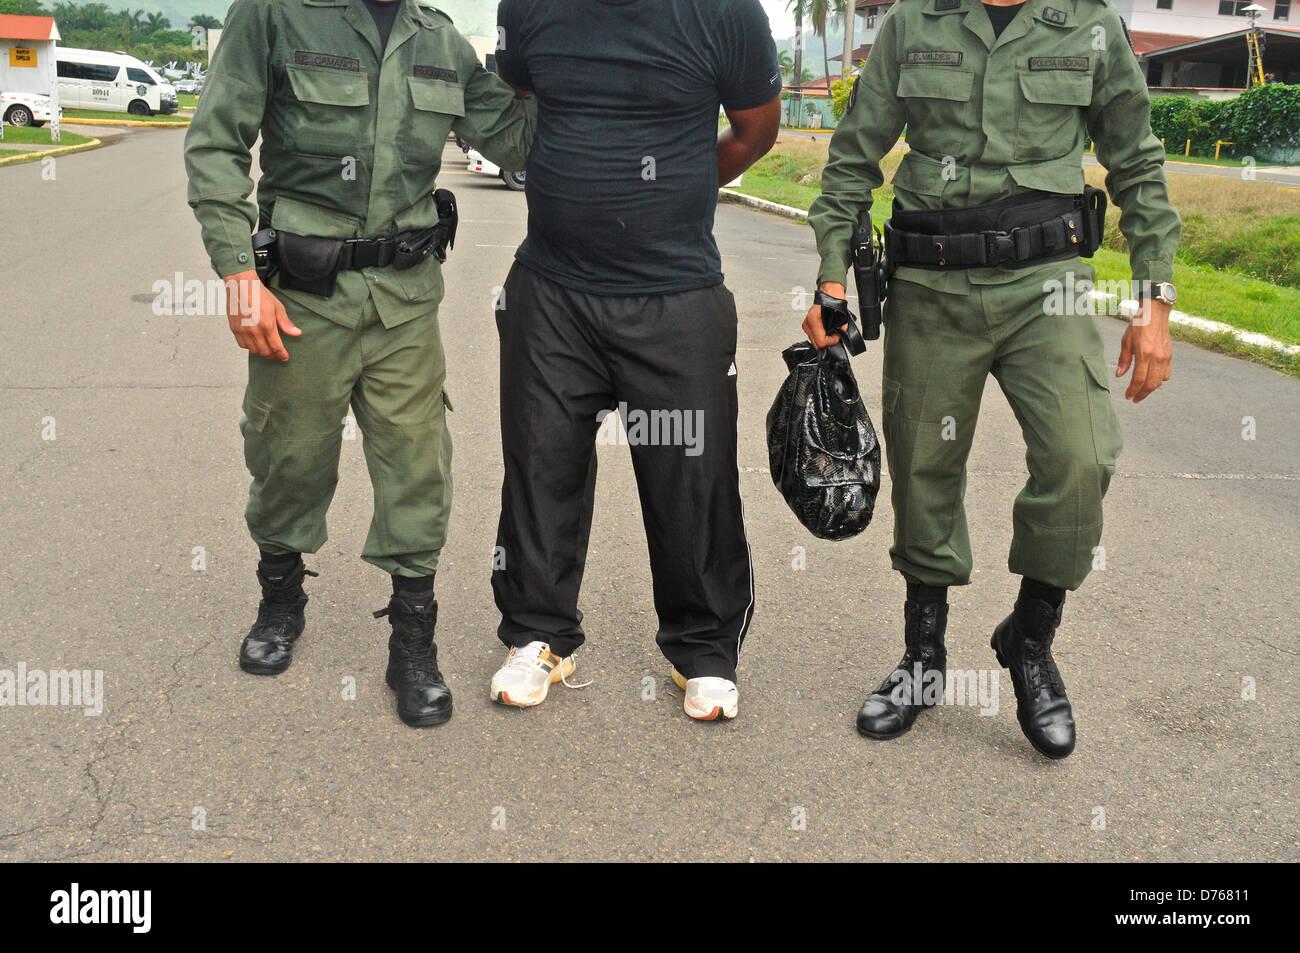 Uniformed police officers arrested criminal tactical